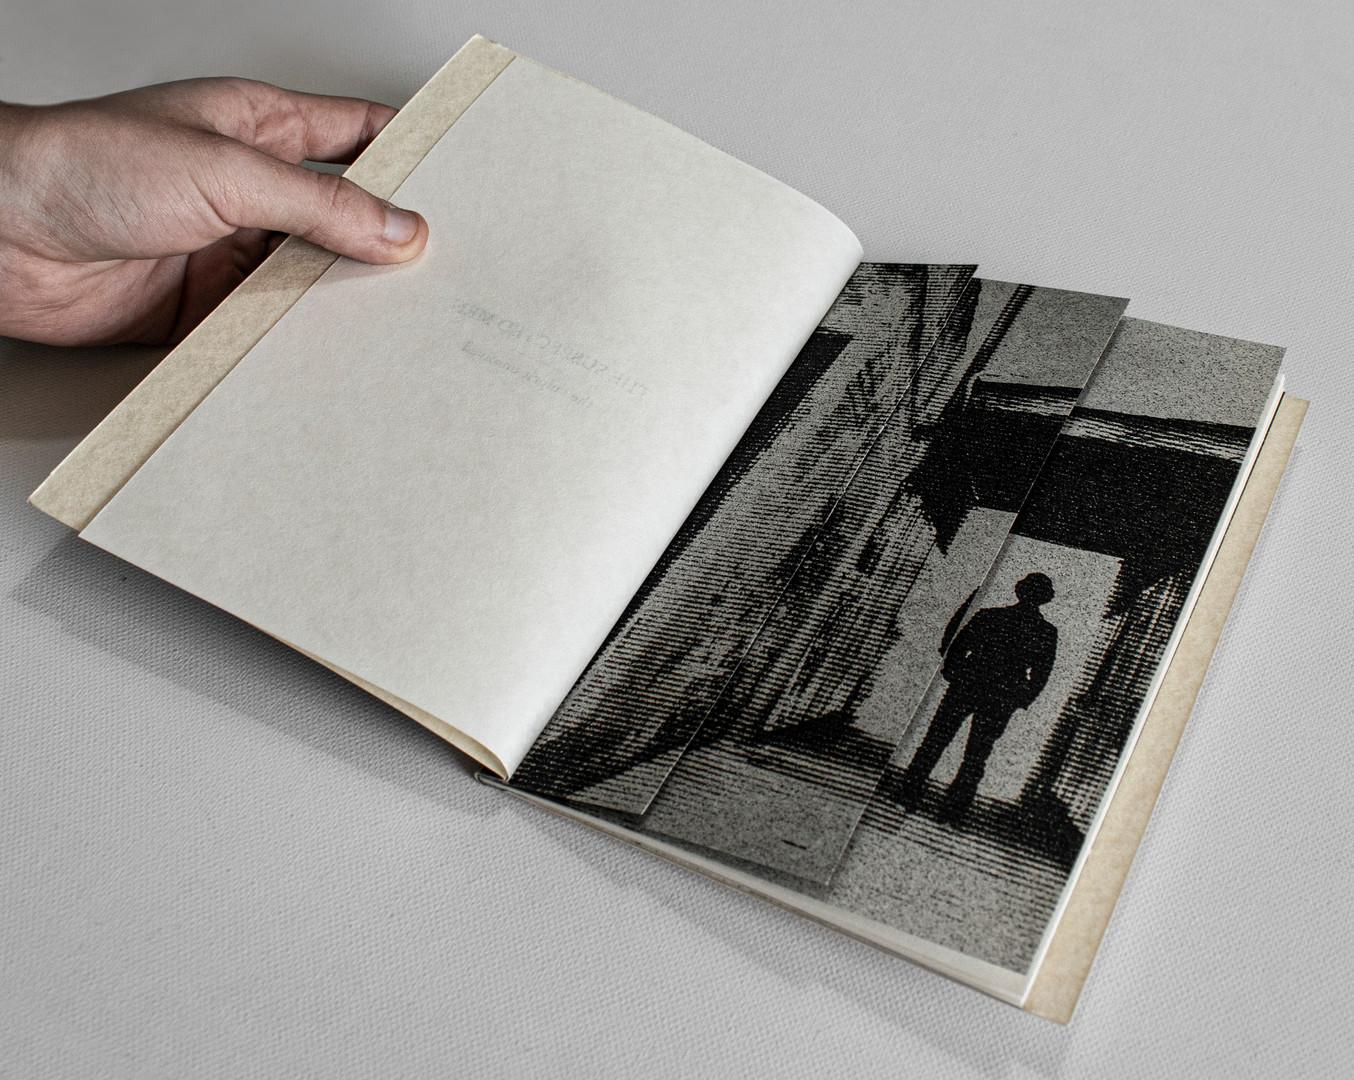 02 BOOK4.jpg